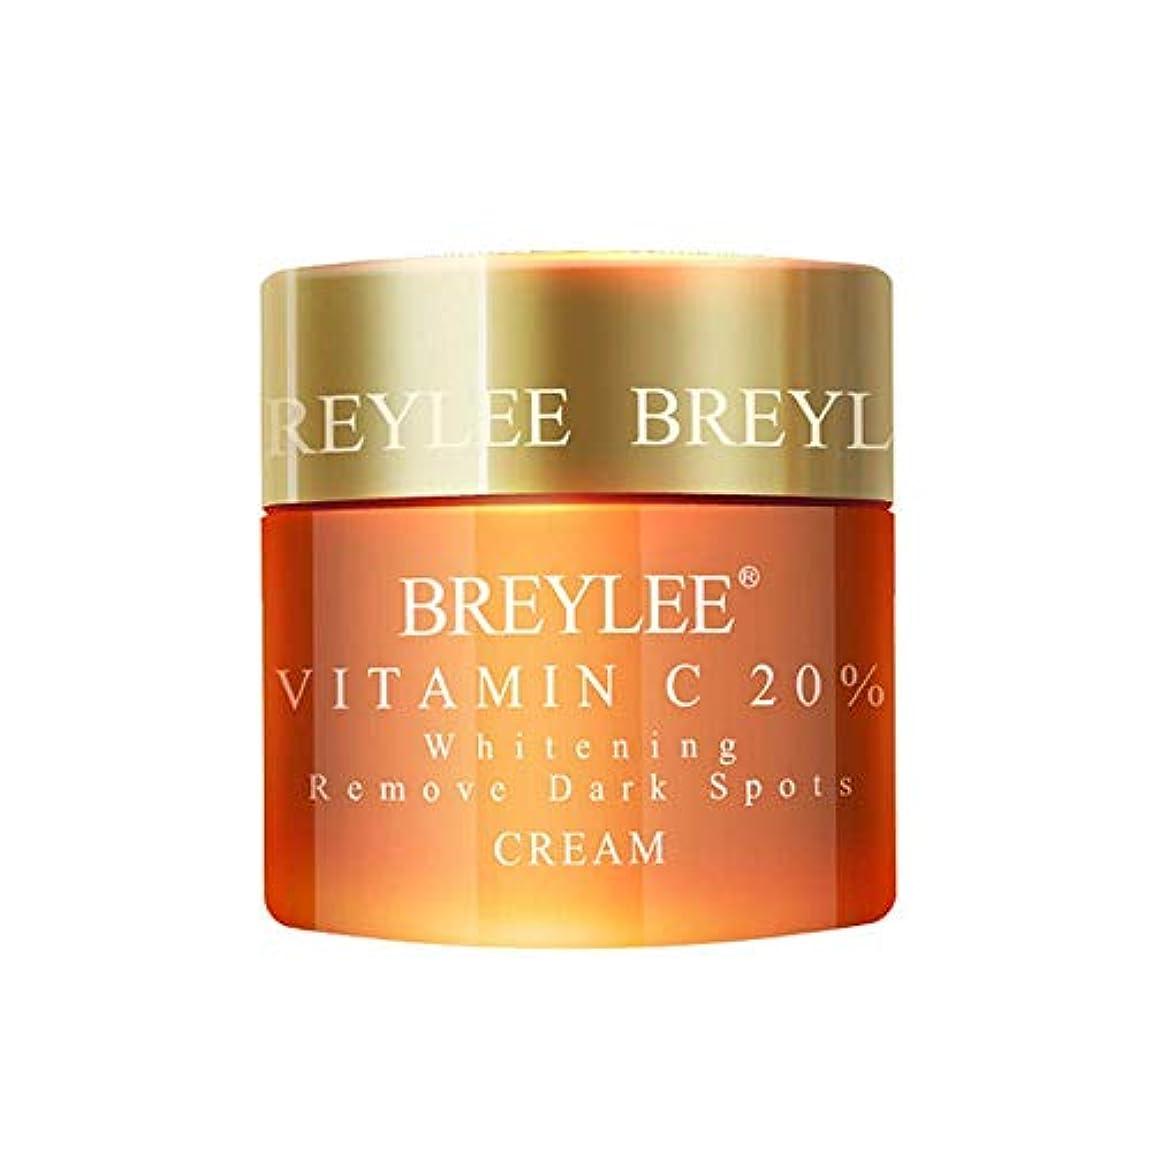 無声で修道院航海BREYLEE ヒアルロン酸 保湿クリーム 20%ビタミンC配合 美白 皮膚の引き締め (ビタミンC)